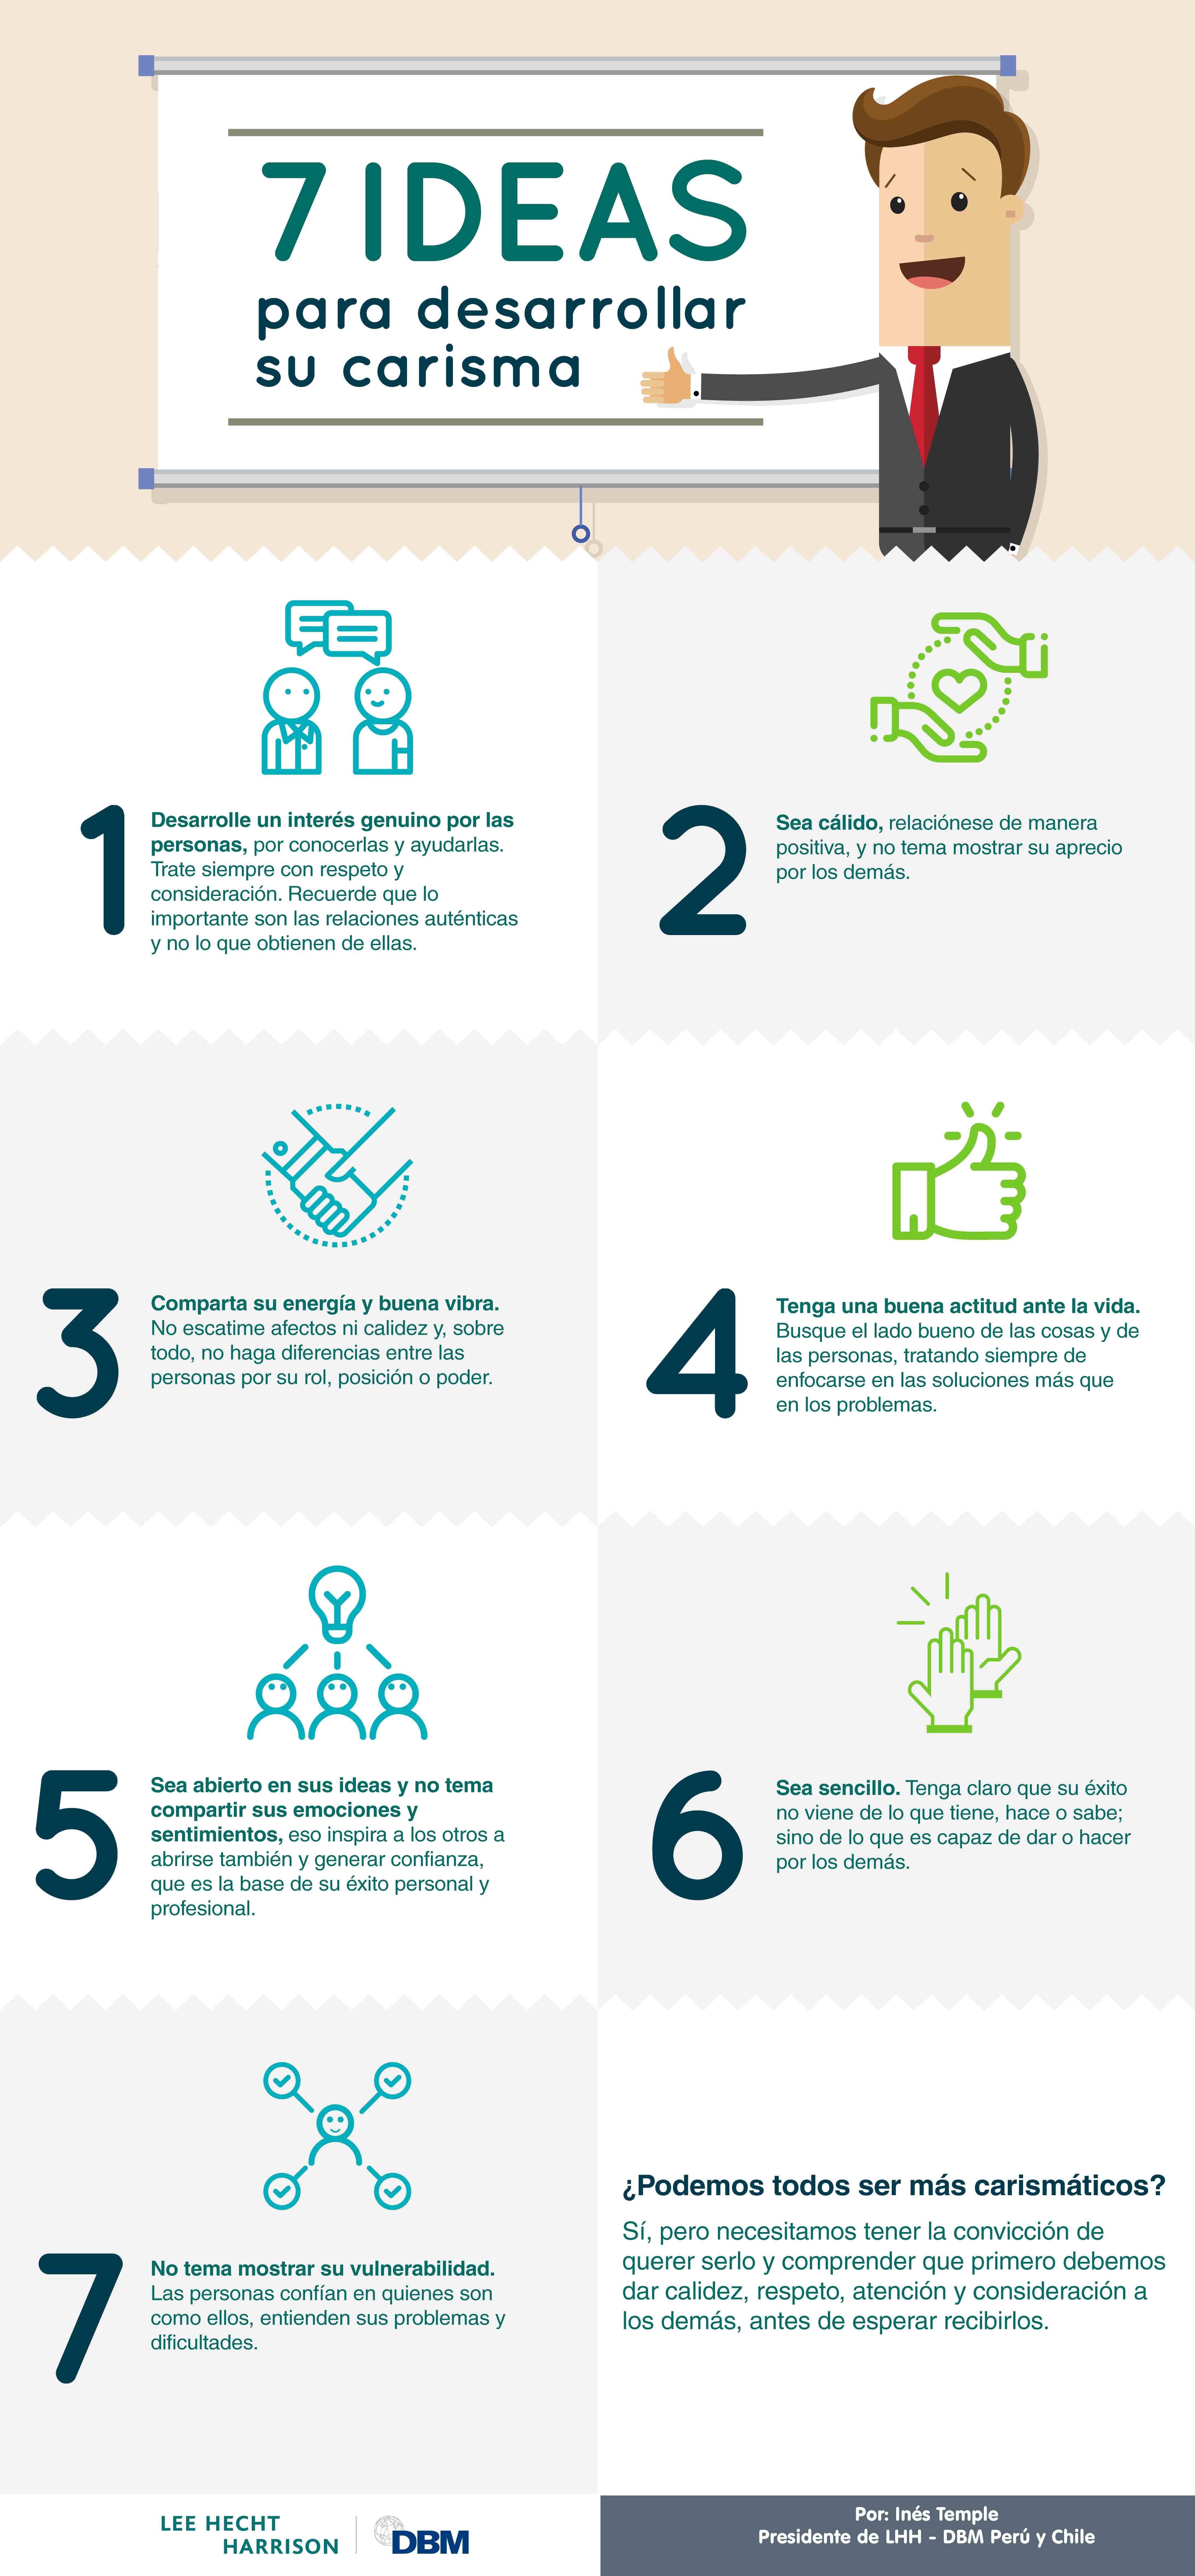 7-ideas-para-desarrollar-su-carisma (1) (1) (1)